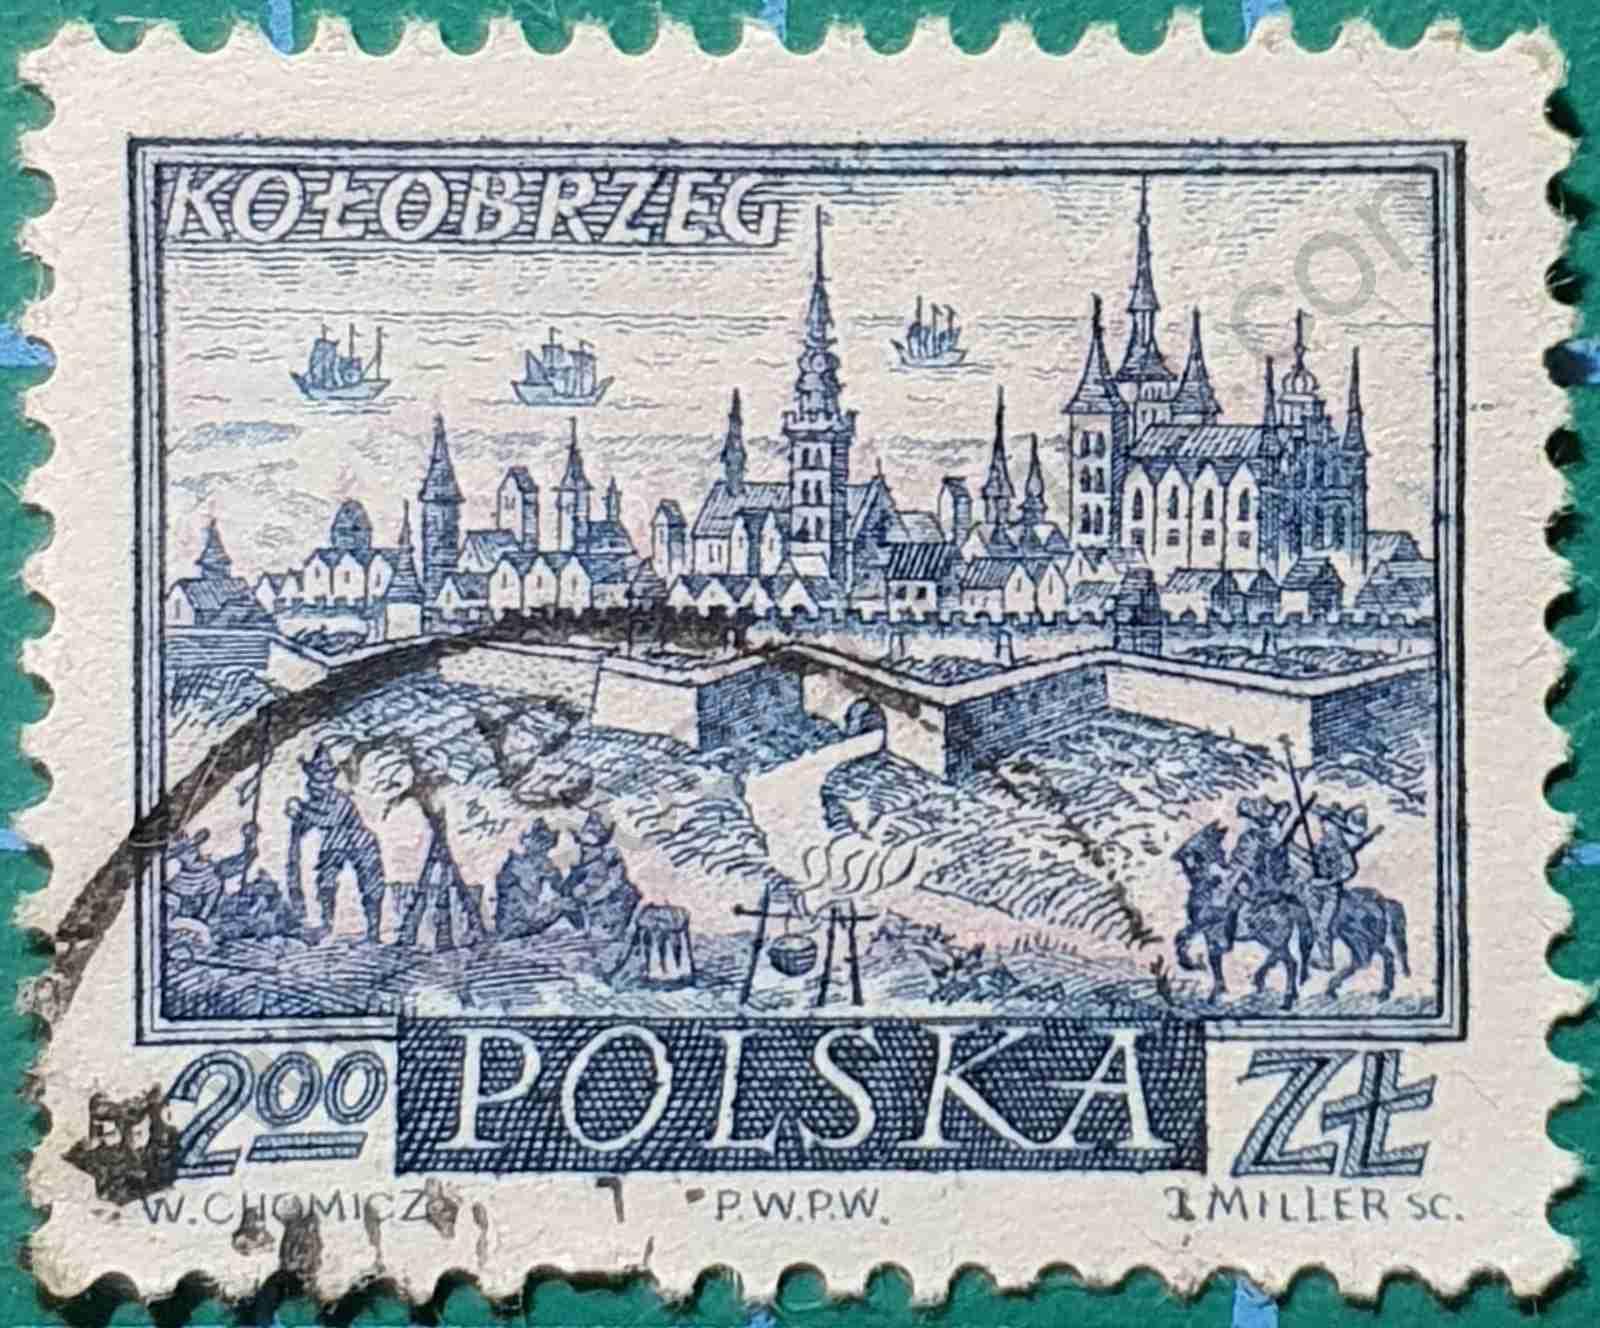 Kolobrzeg - Sello Polonia 1960